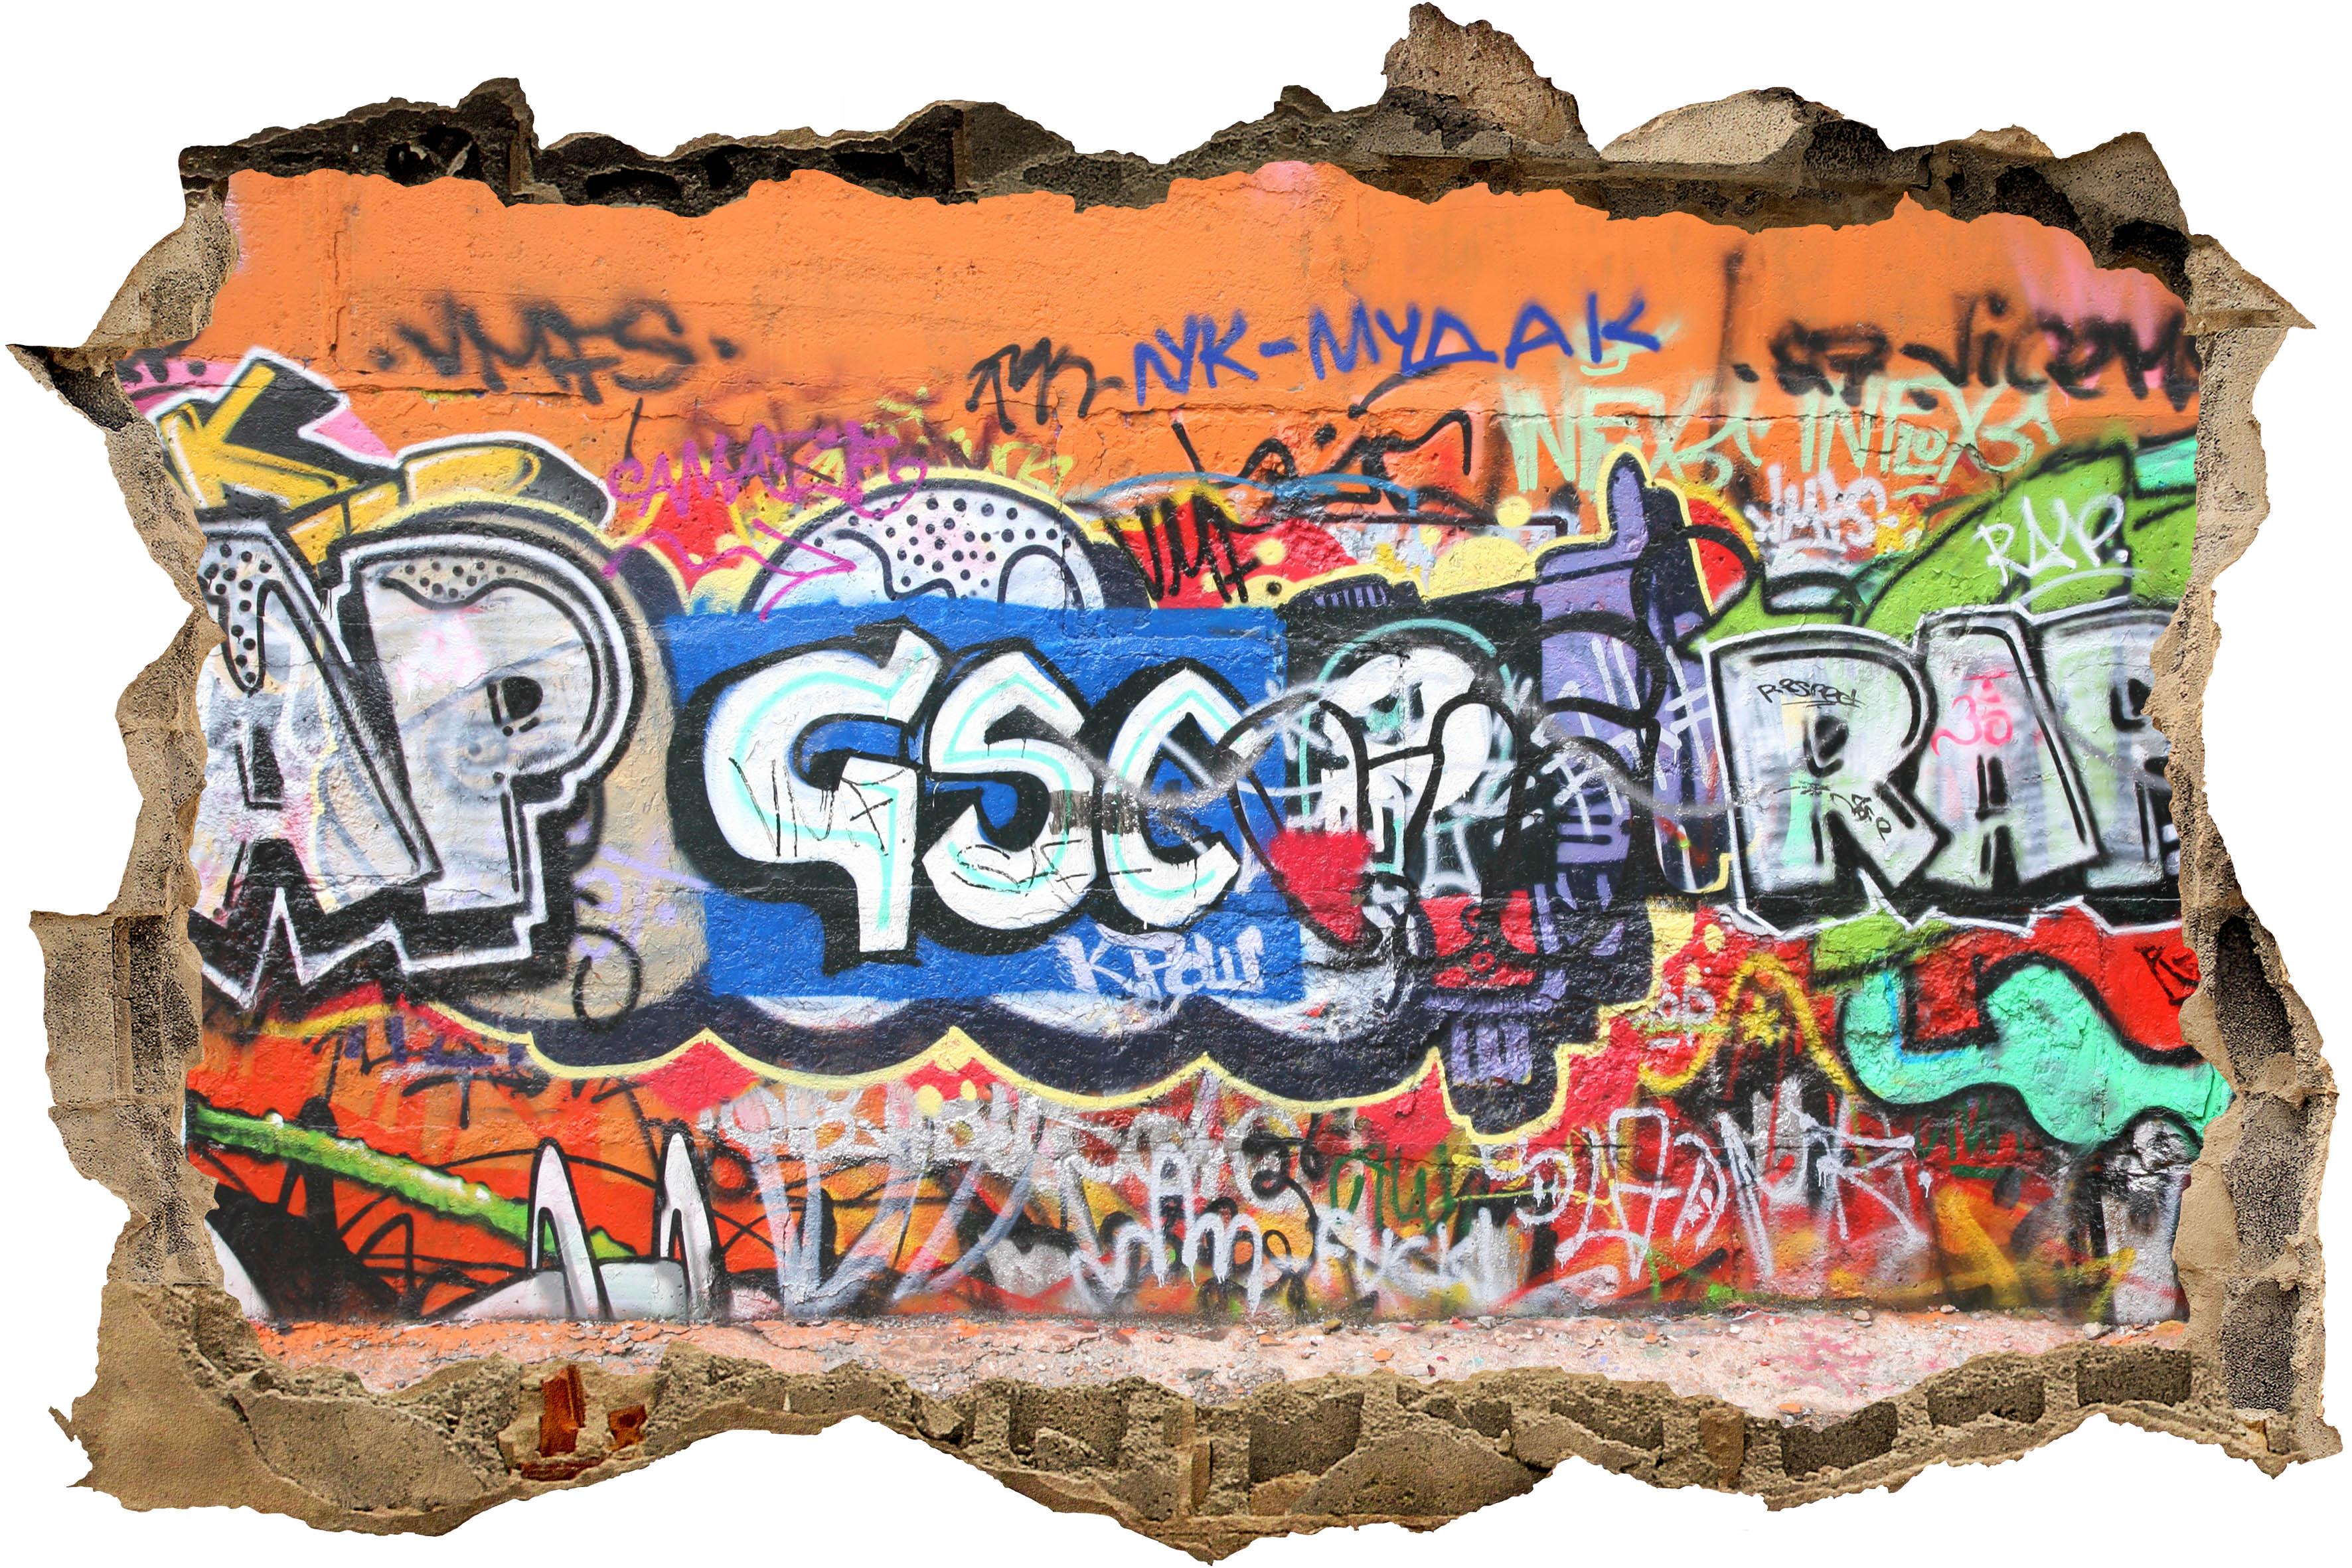 3d wandsticker graffiti 3 aufkleber mauerdurchbruch m0027 ebay - Wandsticker graffiti ...